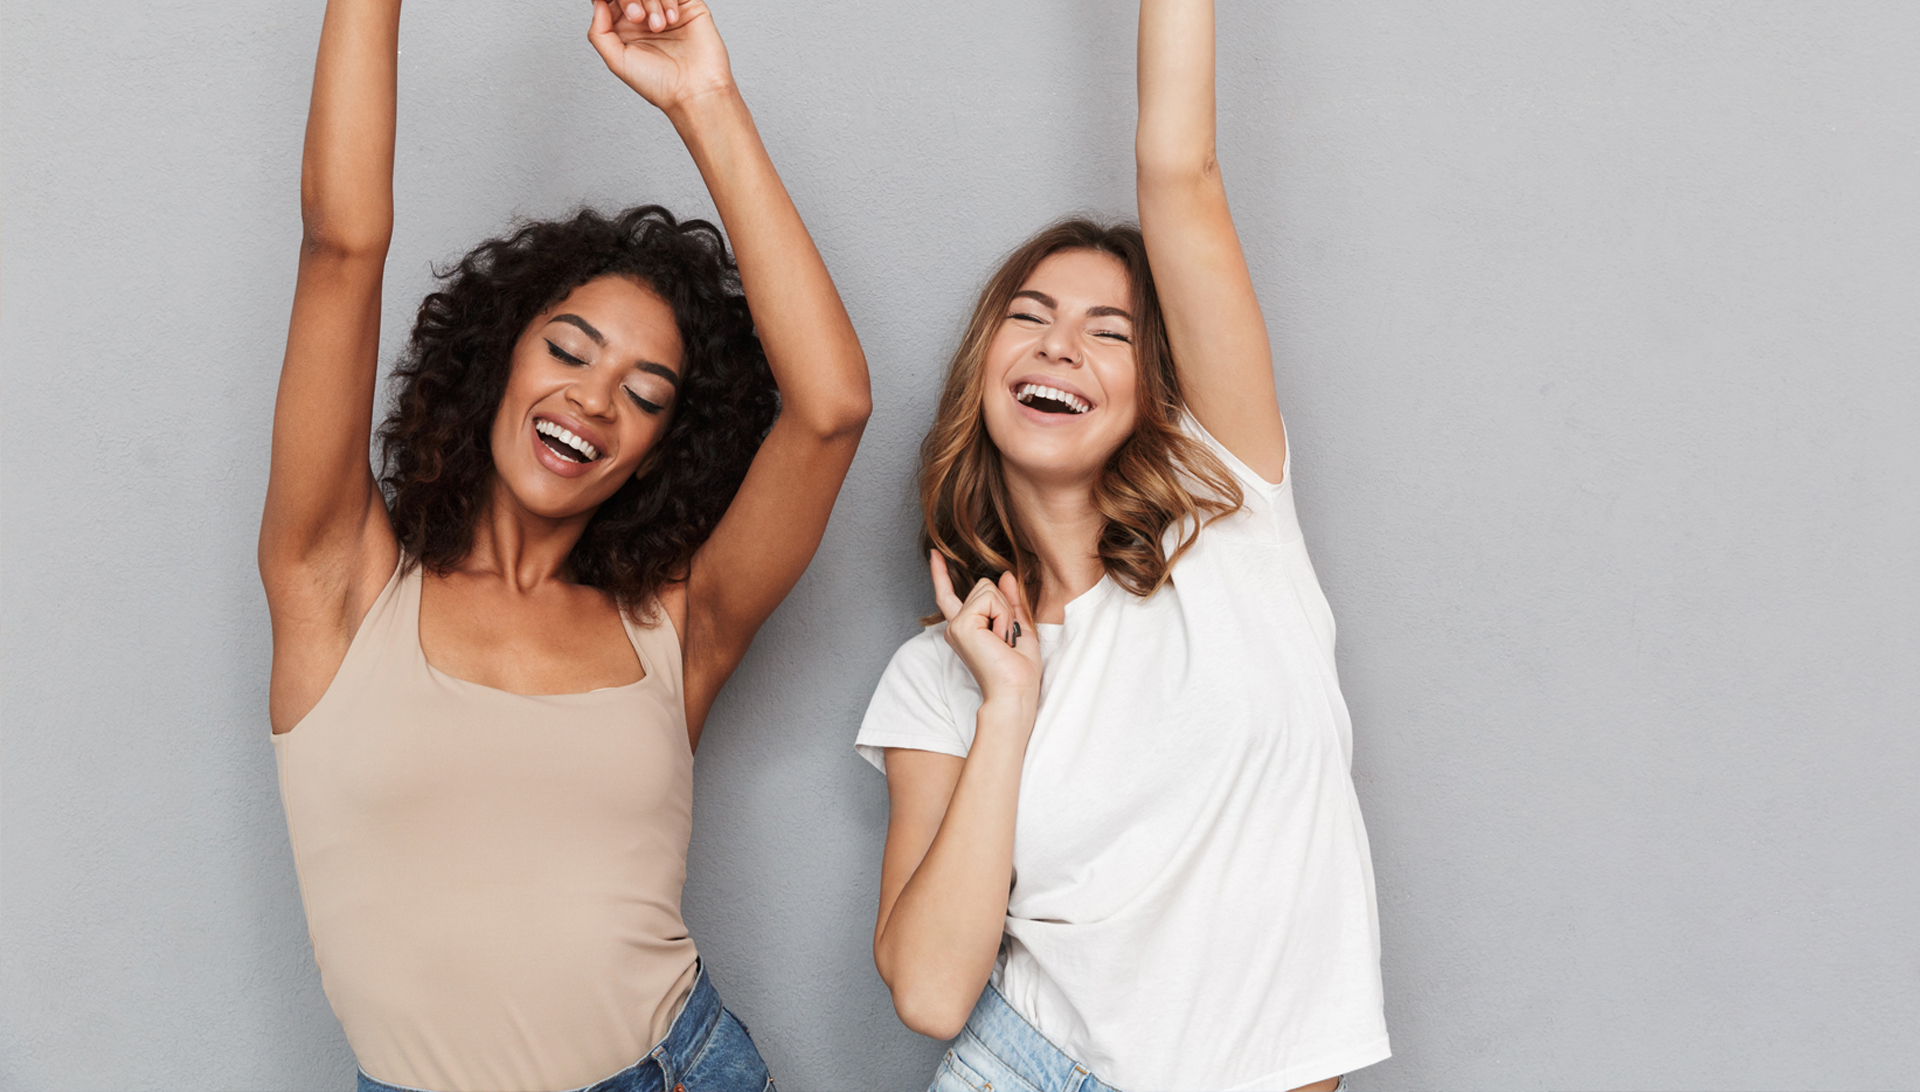 Women's Health: Two women happy